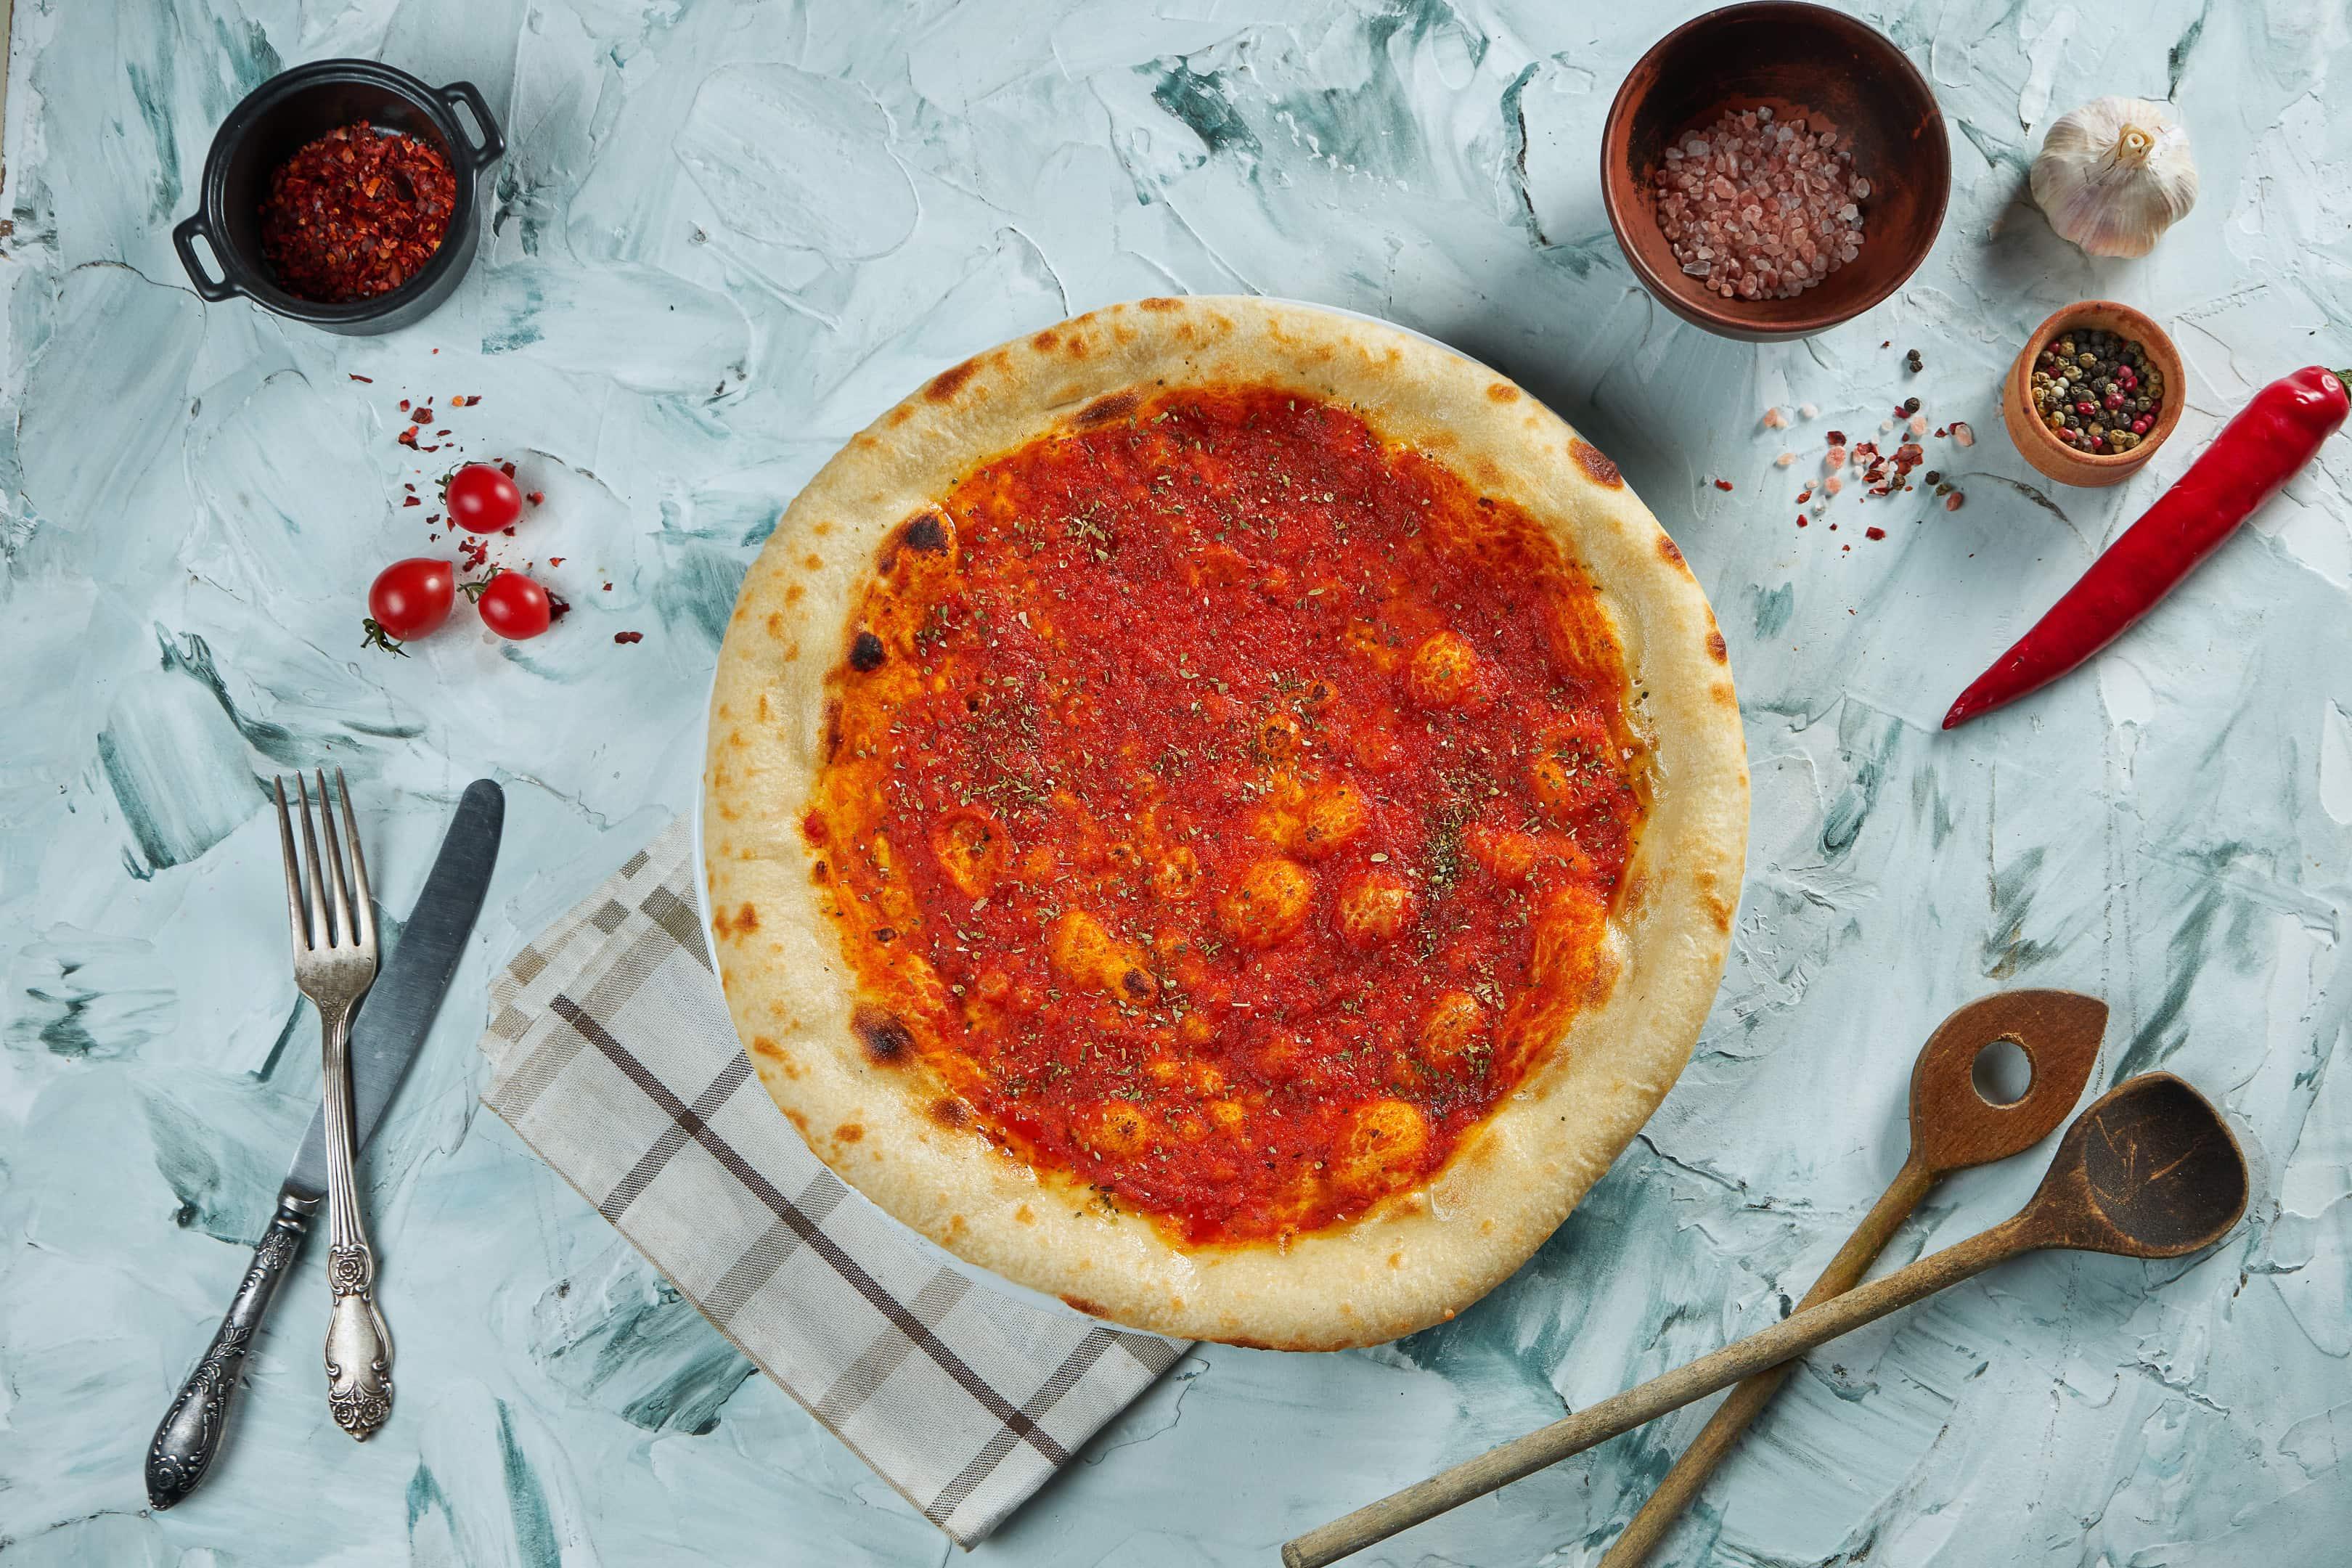 Freshly baked pizza marinara on a gray table